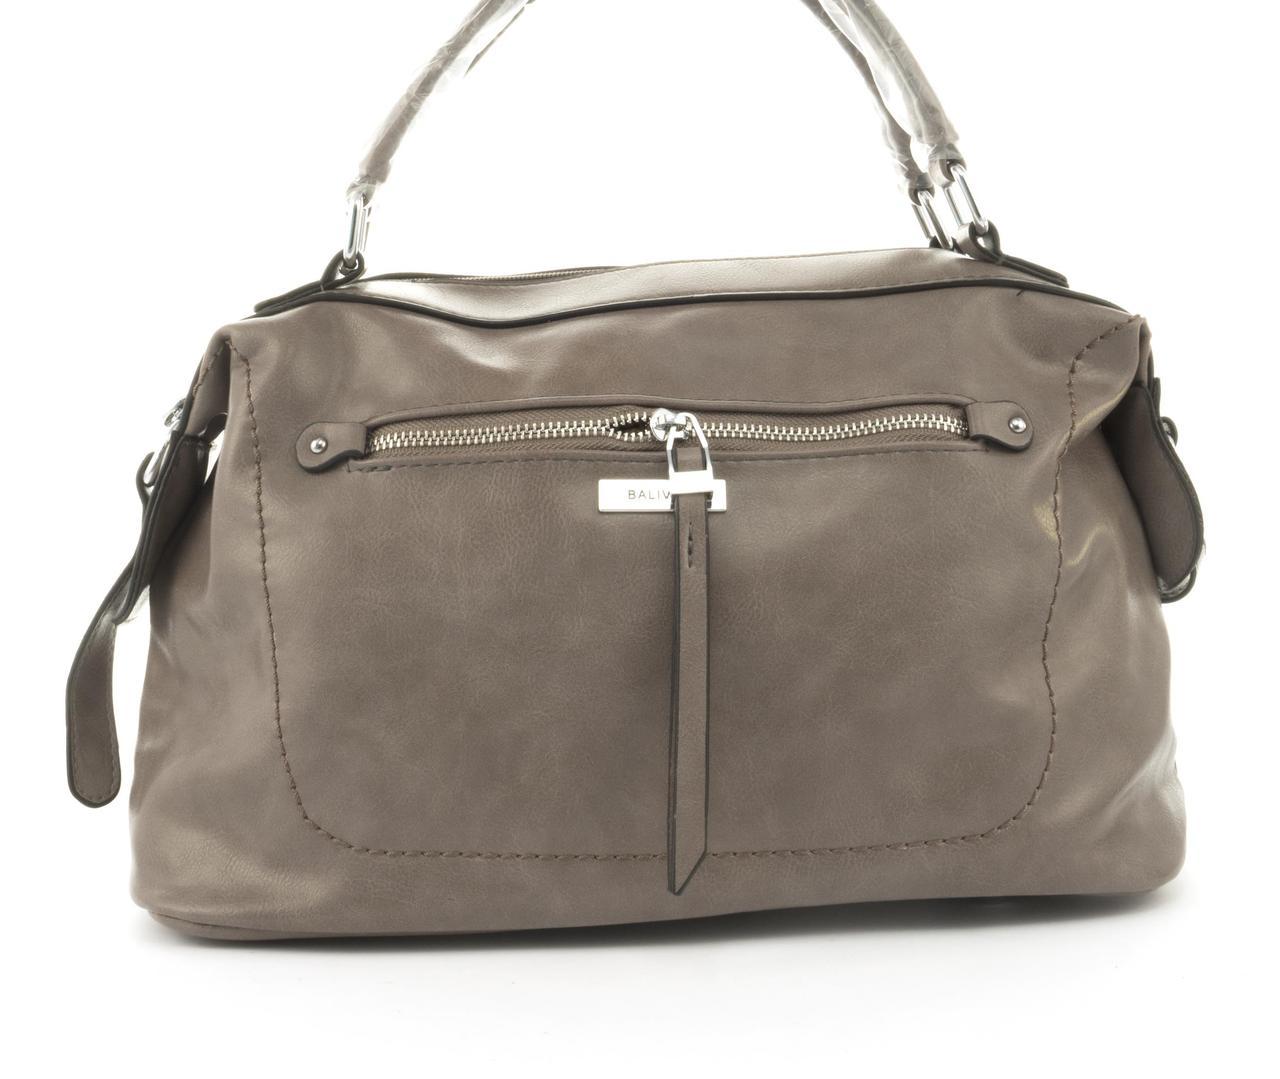 Стильная женская качественная сумка саквояж с мягкой эко кожи BALIVIYA art. 7305 кофе с молоком